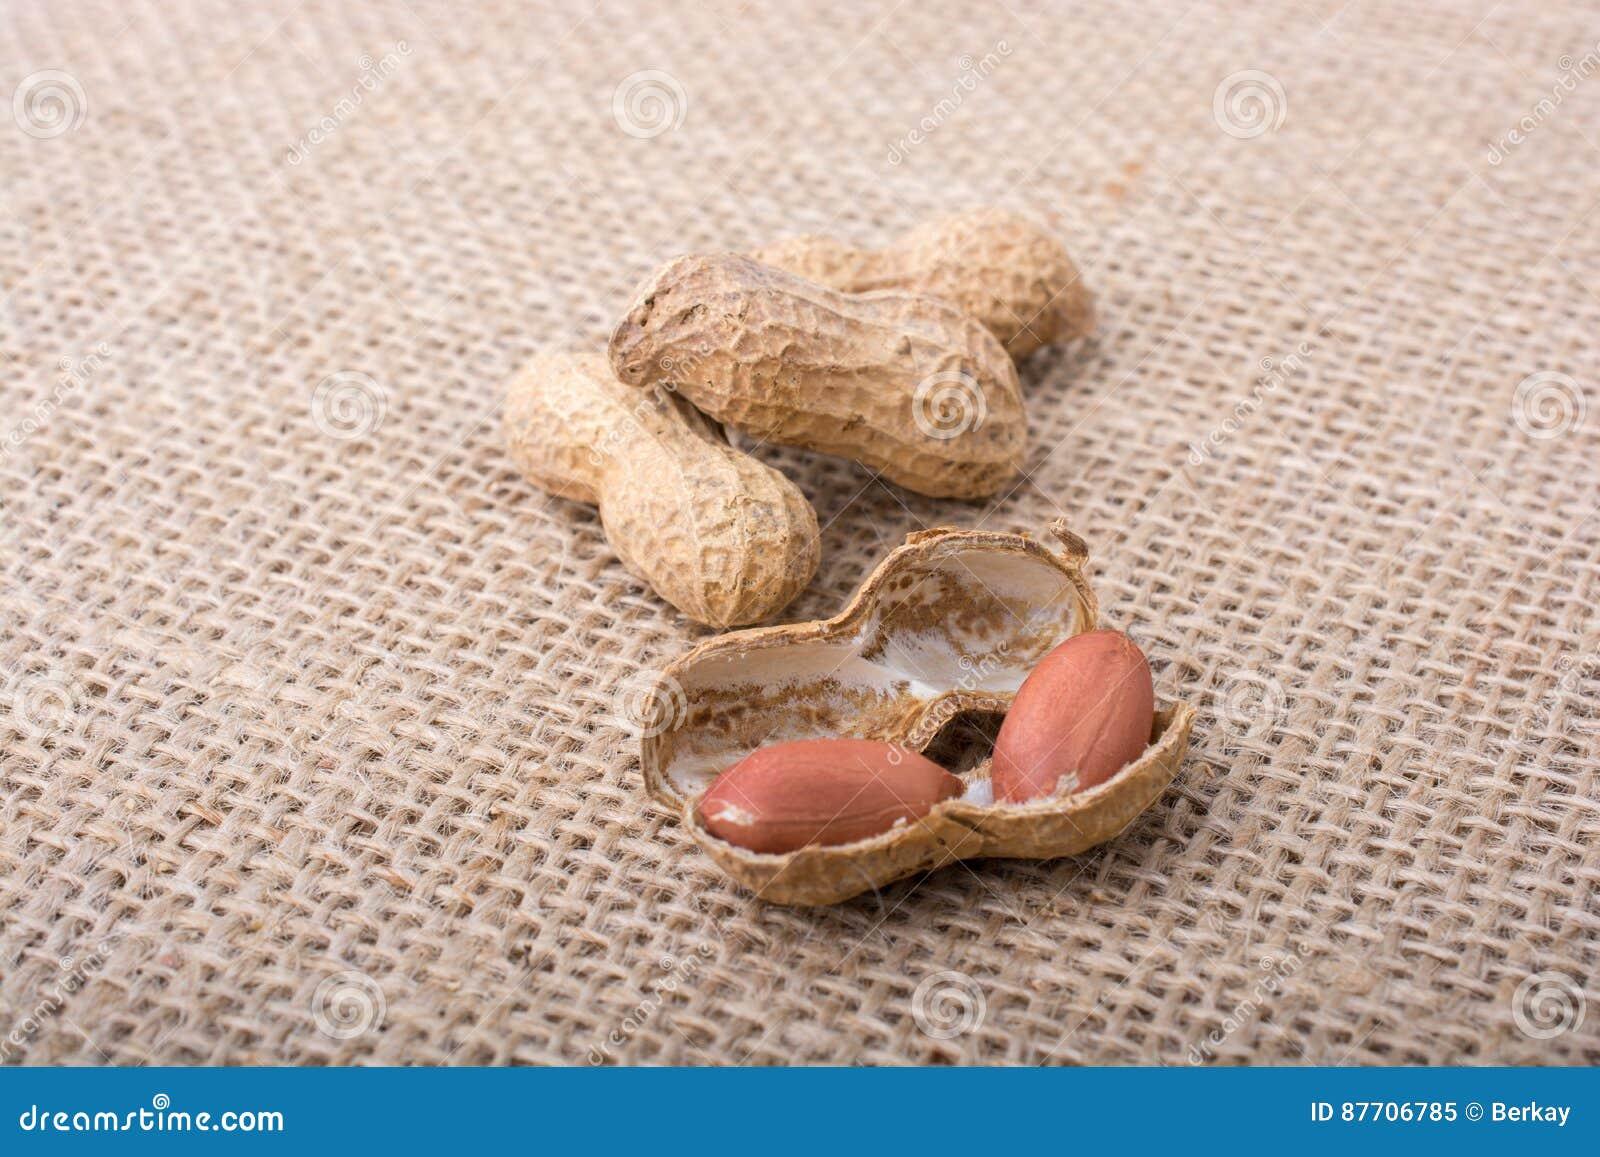 Arachides ouvertes criquées avec la coquille sur une toile de toile